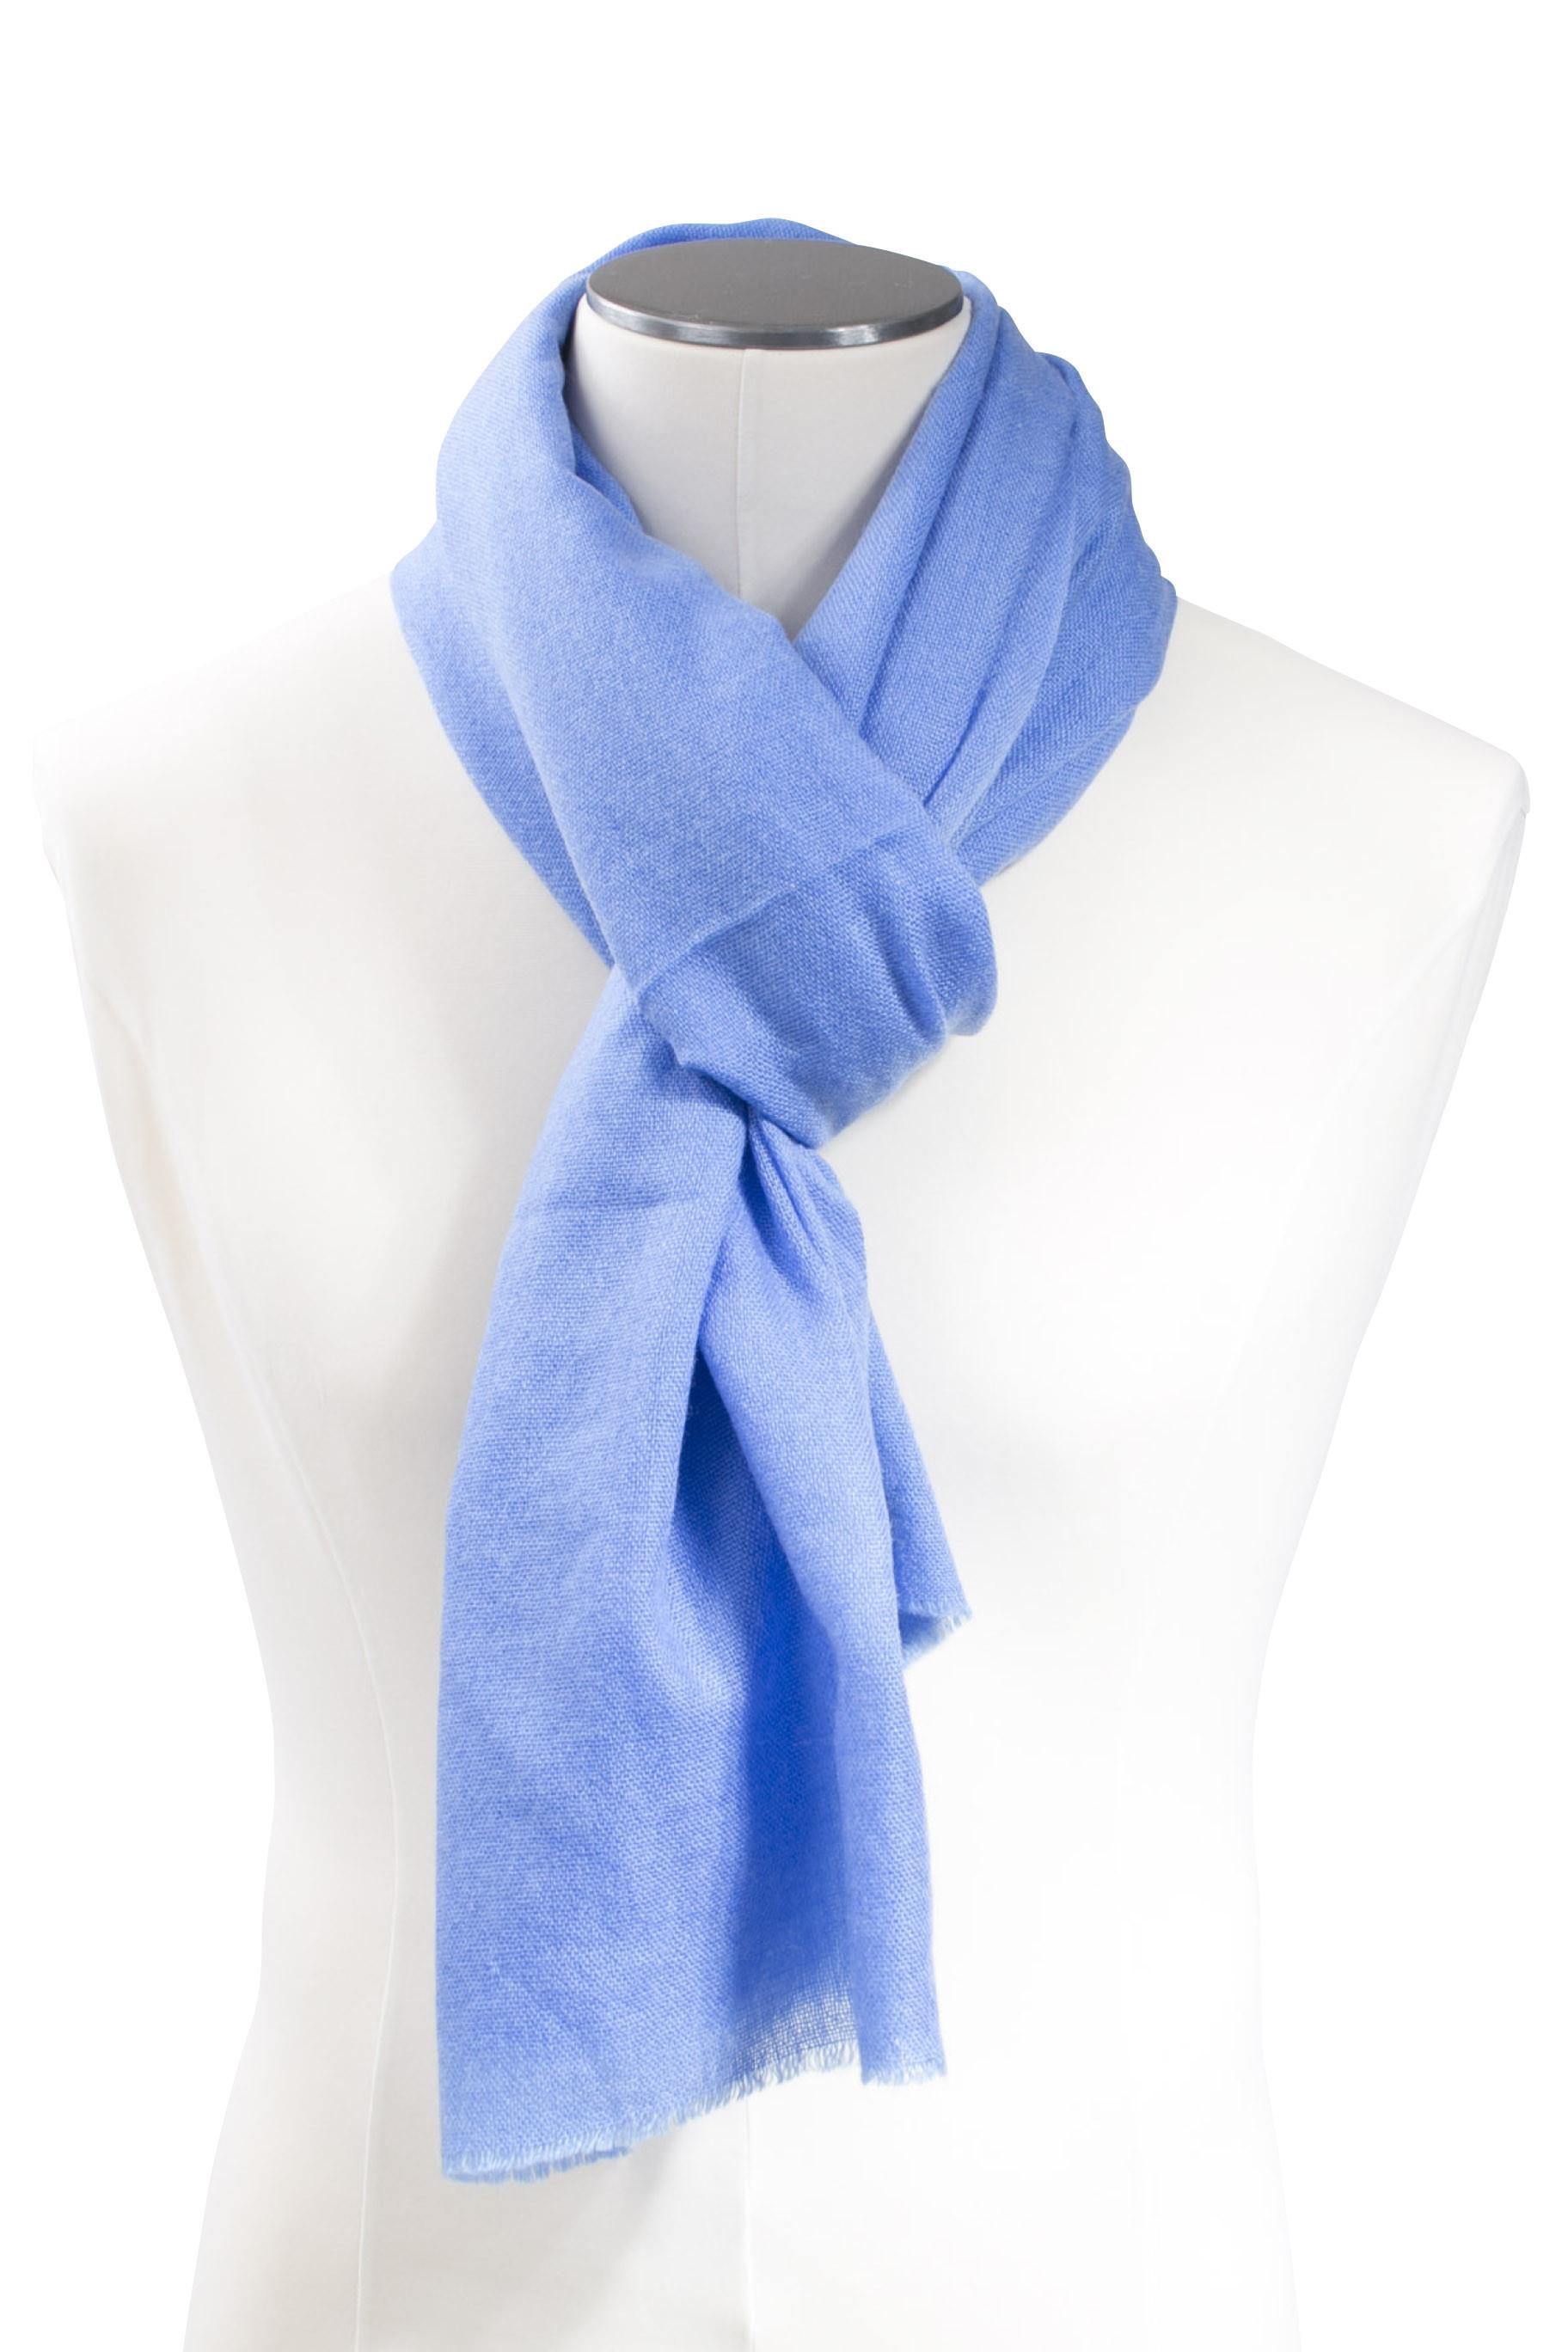 Etole bleu azure en voile de cachemire DIEGO GARCIA